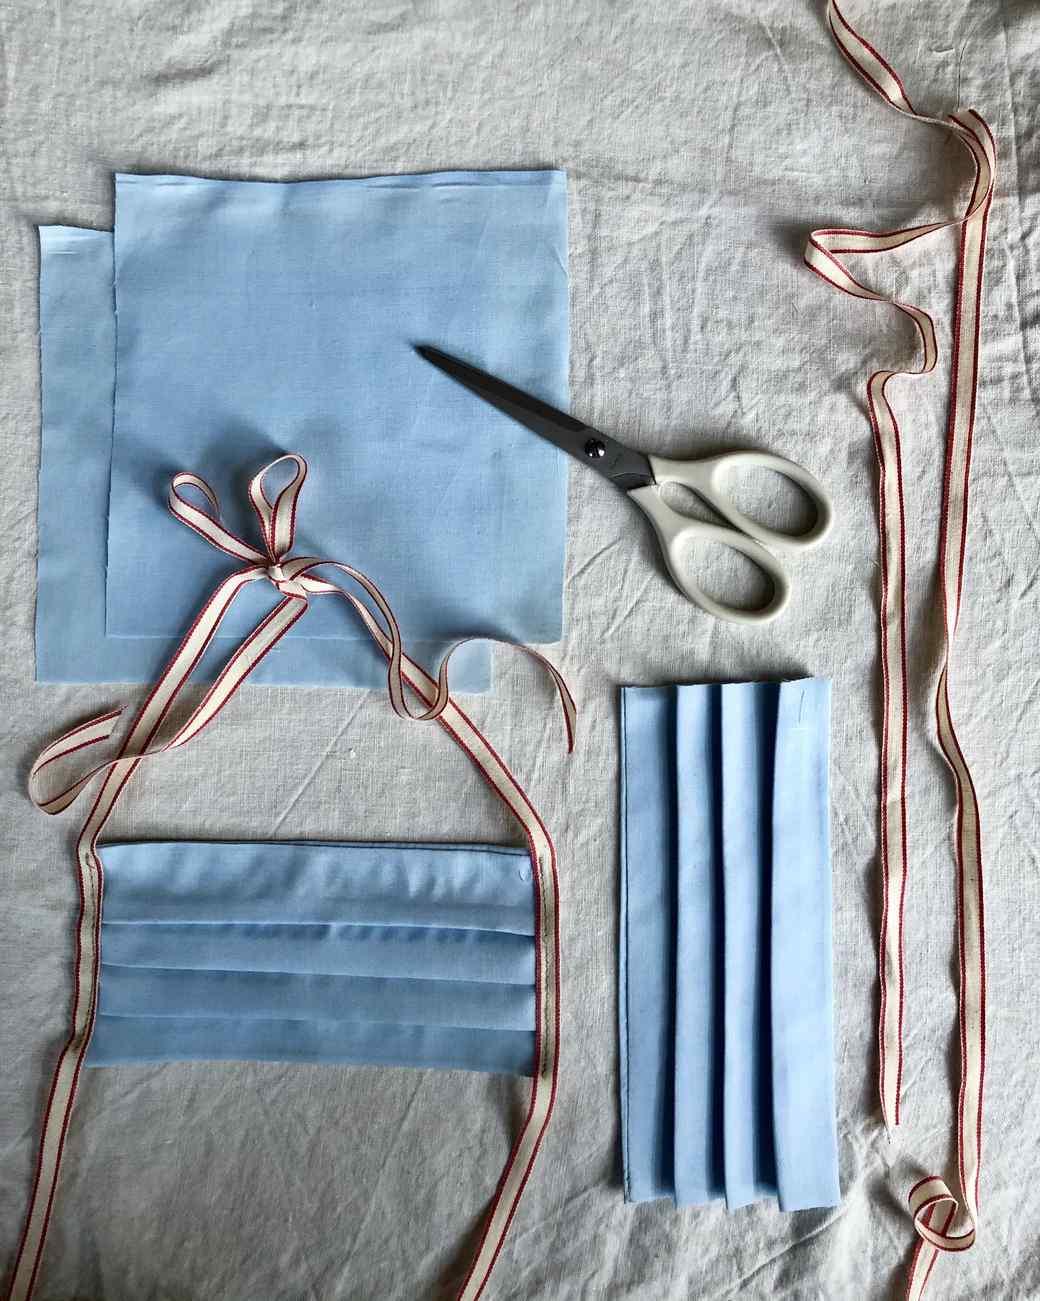 缝制成医疗面罩的织物